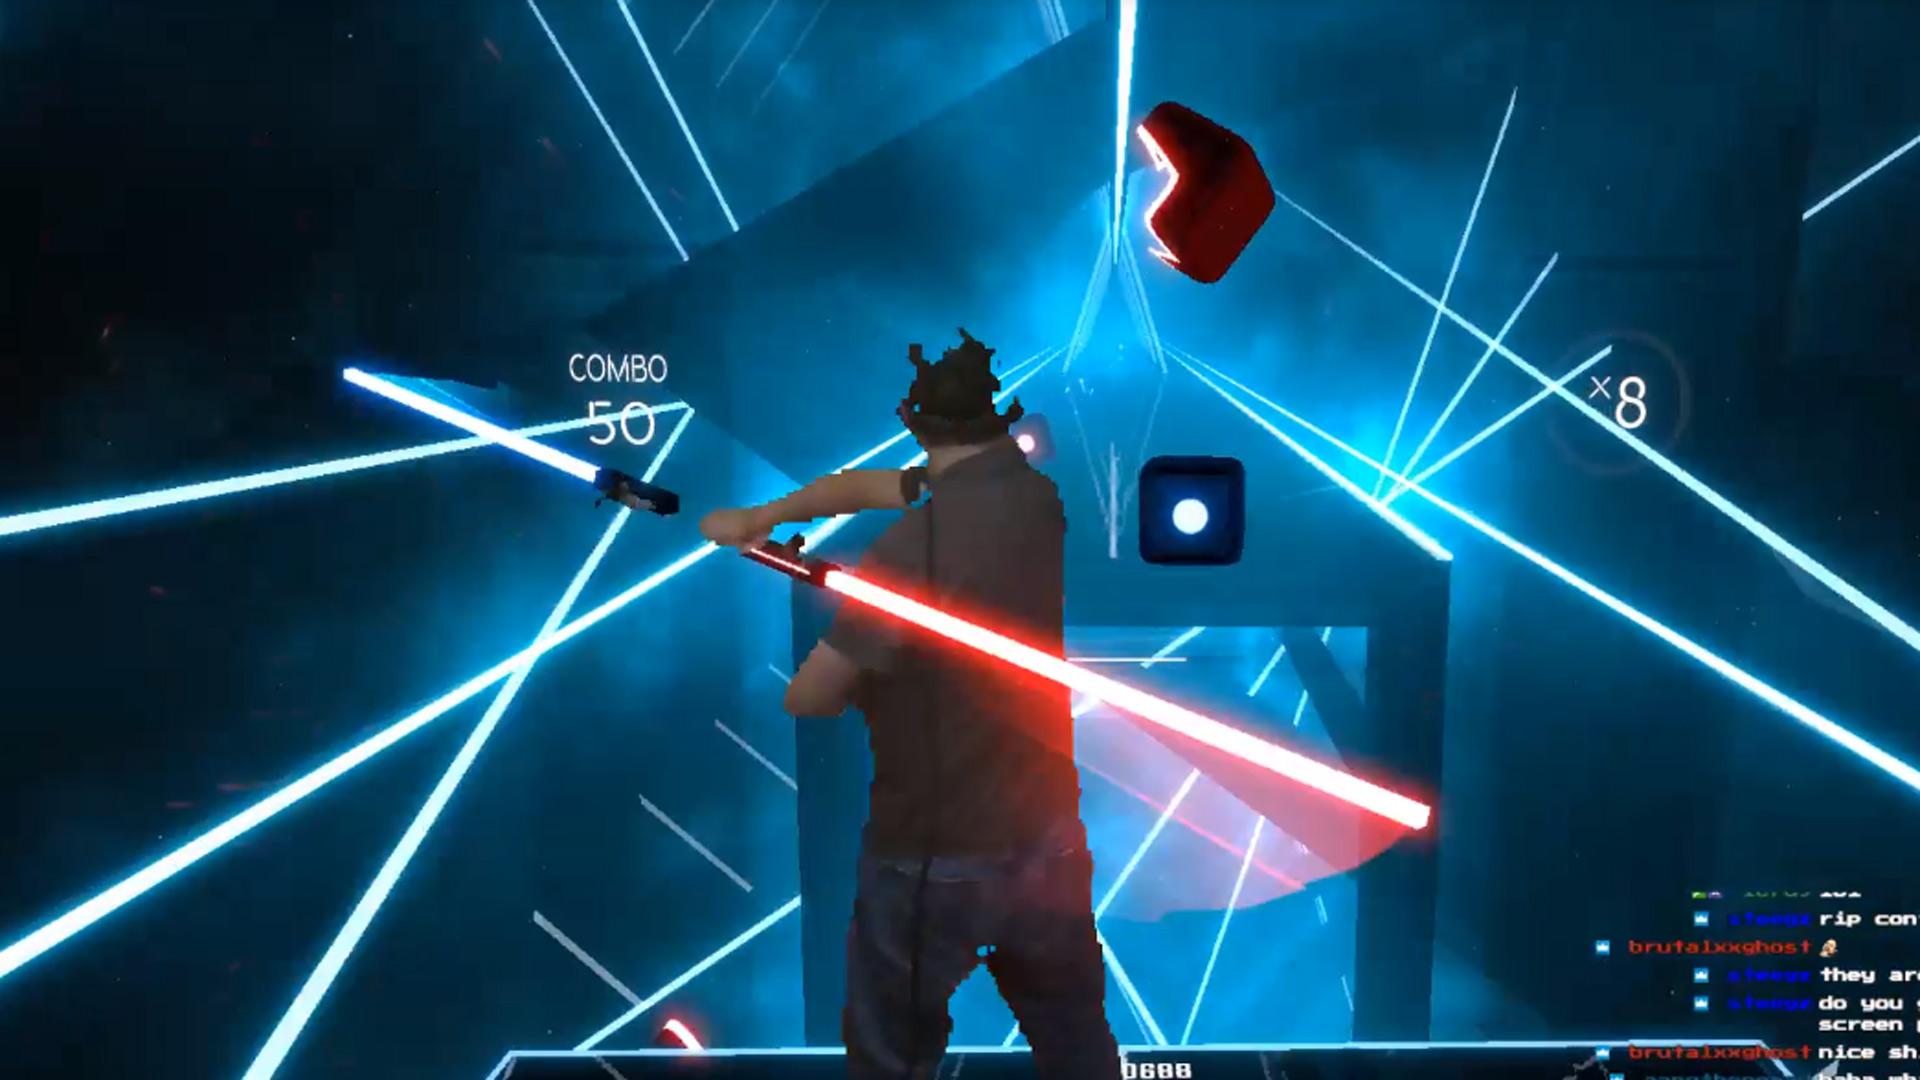 Ovviamente non mancano i pazzi che hanno già legato i due controller a formare la doppia spada laser di Darth Maul.